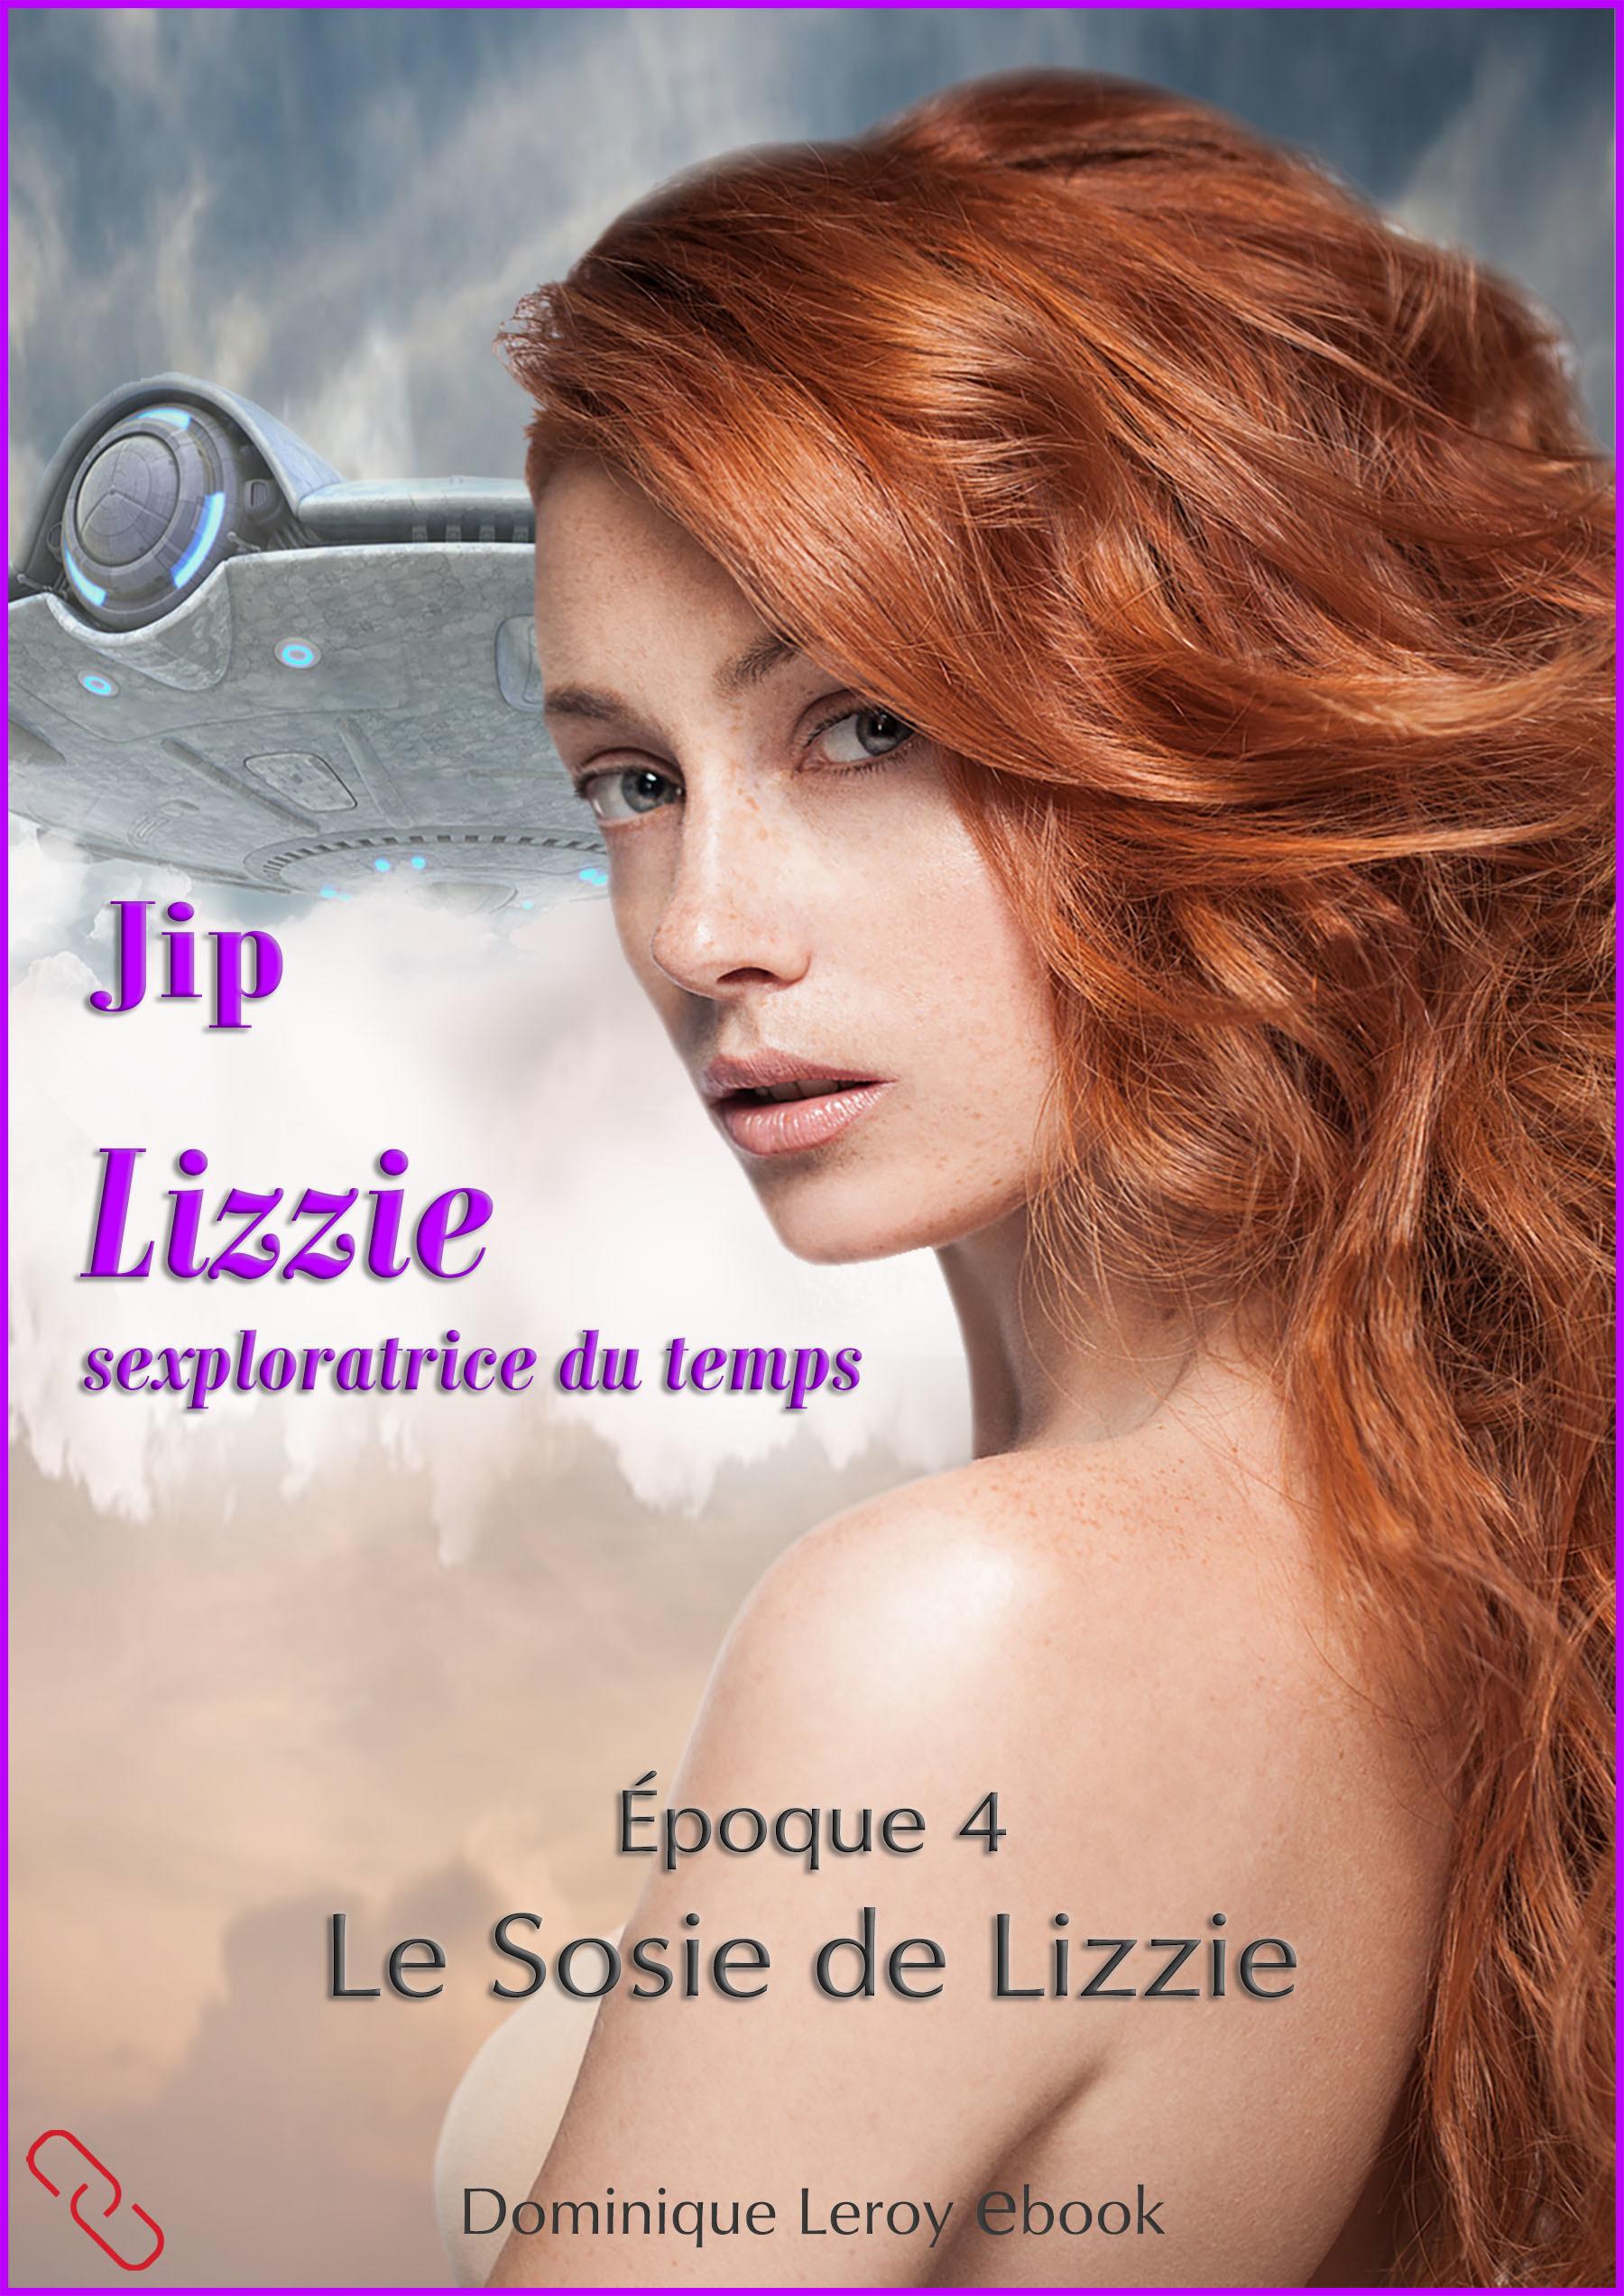 Lizzie, époque 4 - Le Sosie de Lizzie